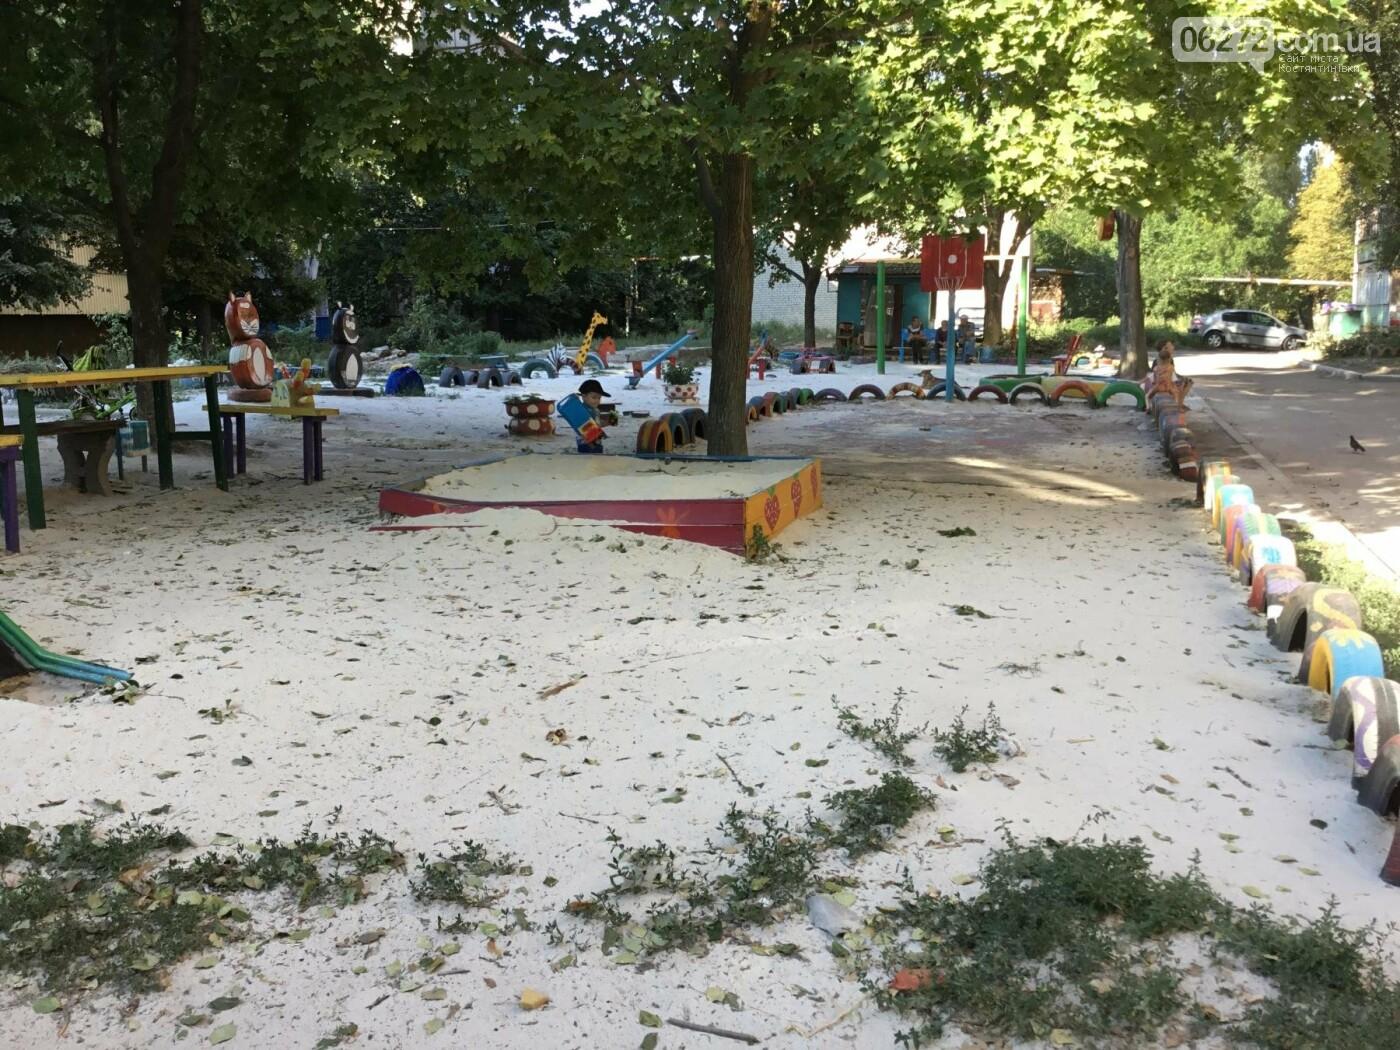 В Константиновке по ул. Безнощенко молодежь сделала спортивную площадку для детей, фото-16